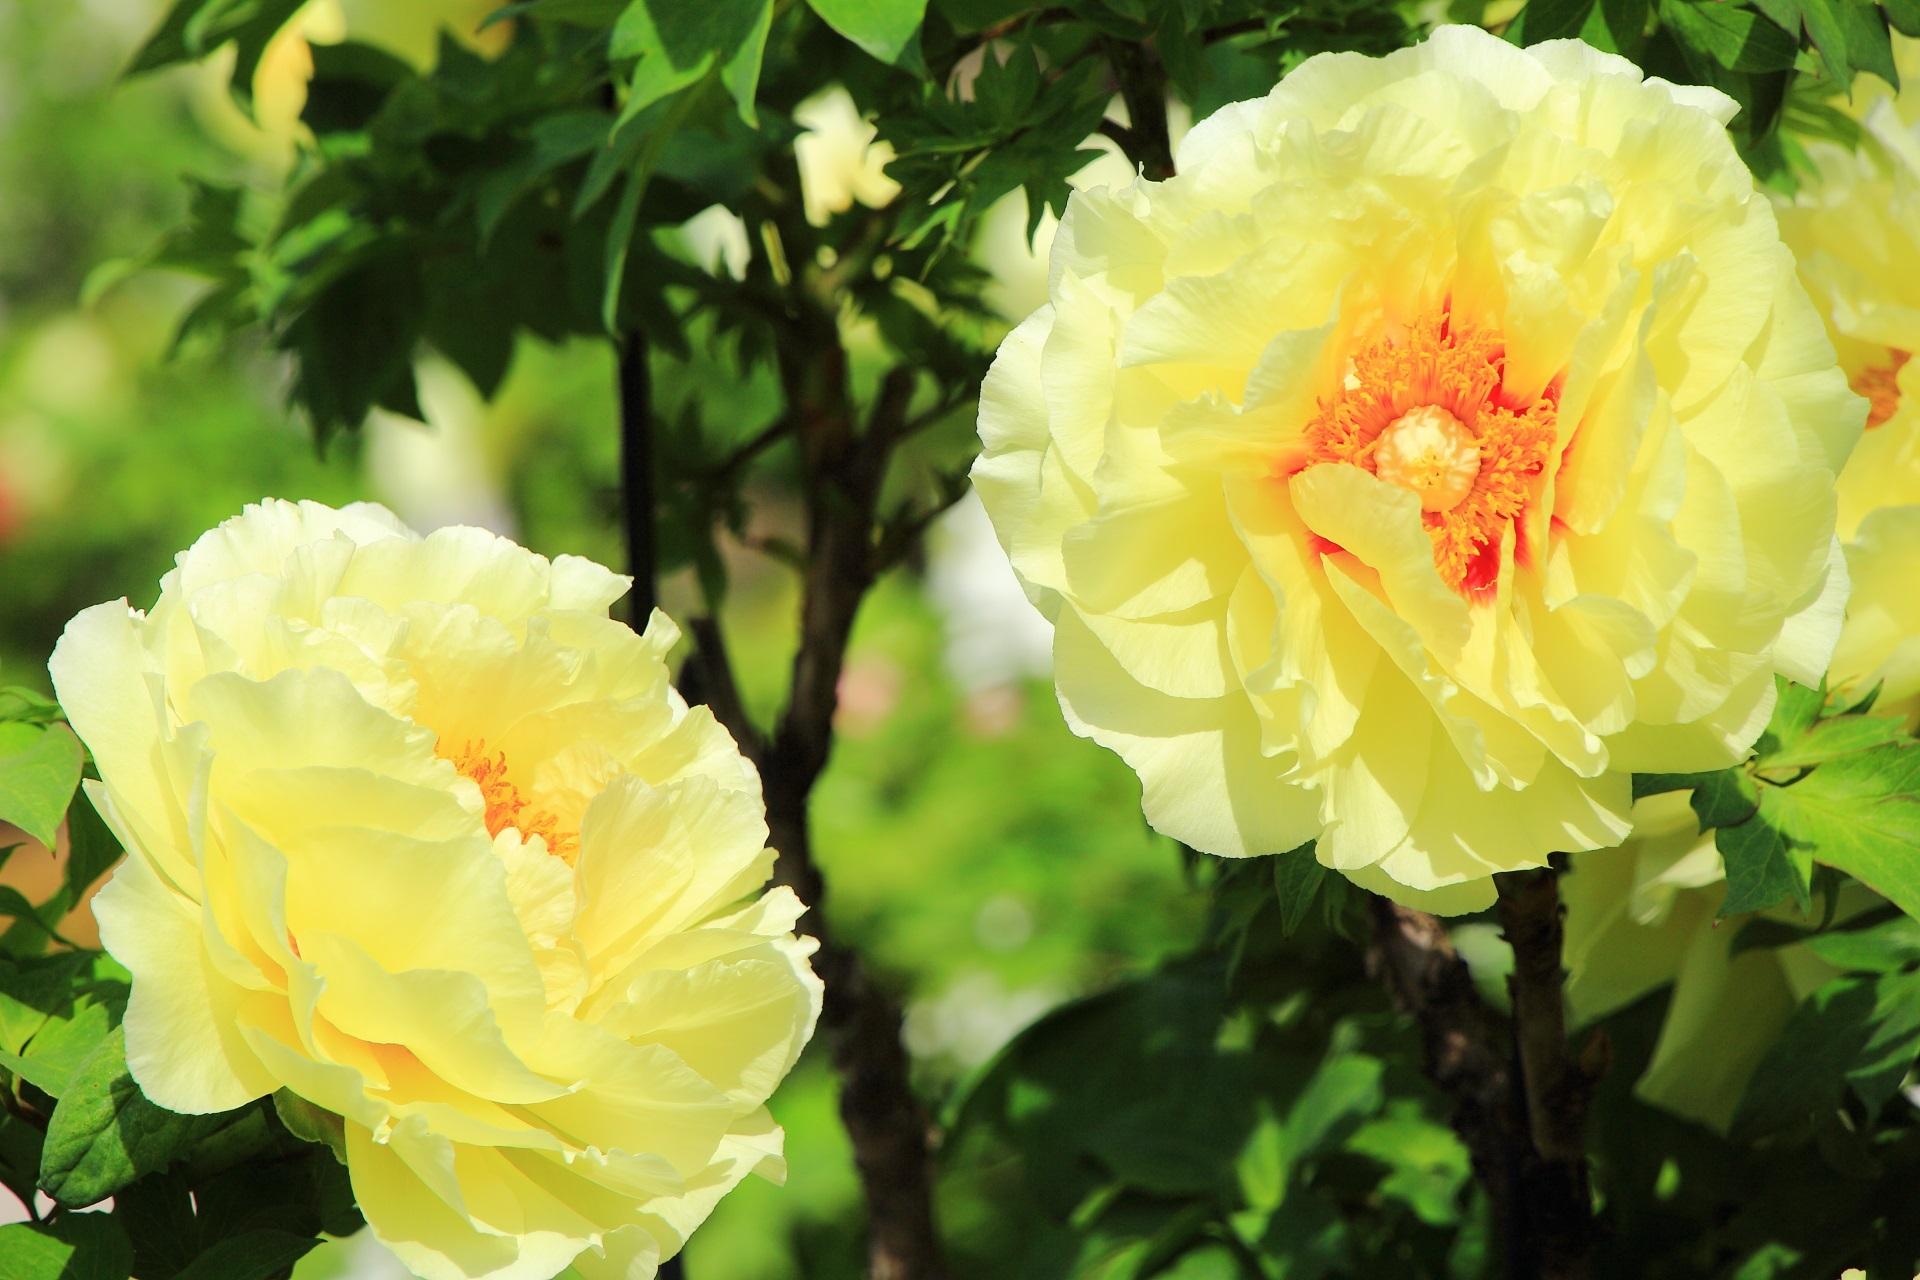 太陽のように元気いっぱいの牡丹の花